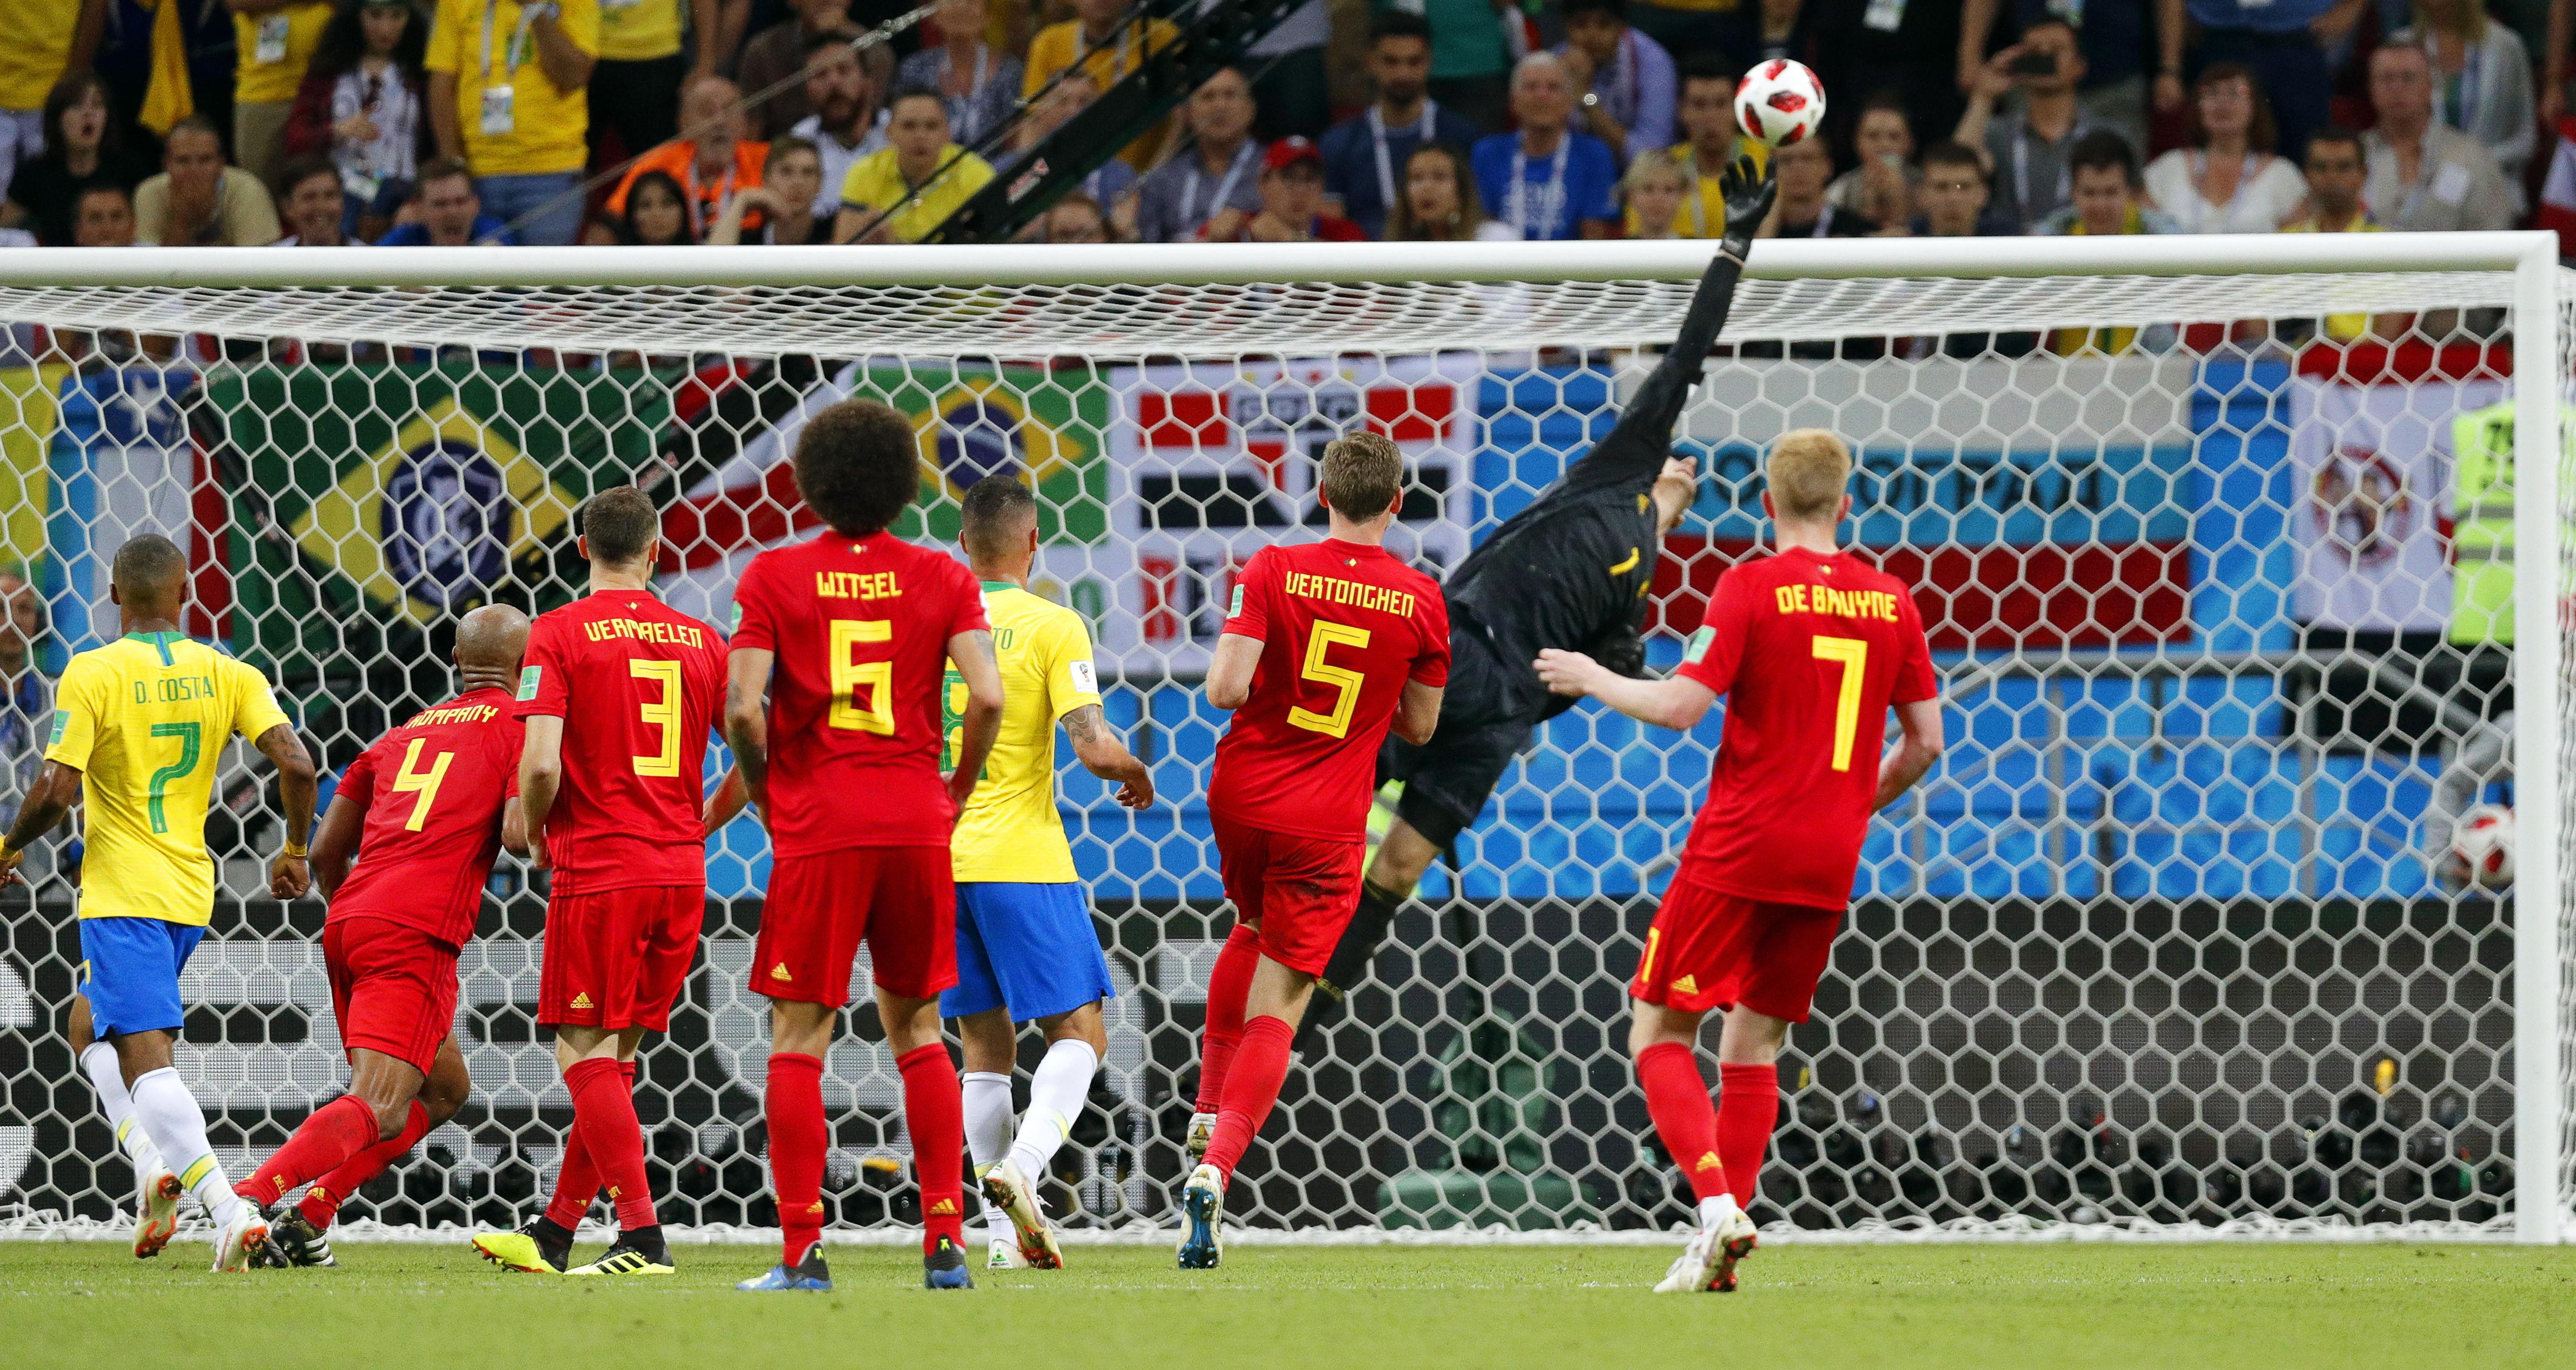 El belga Courtois brilló contra Brasil cuando evitó el empate con esta desviada.